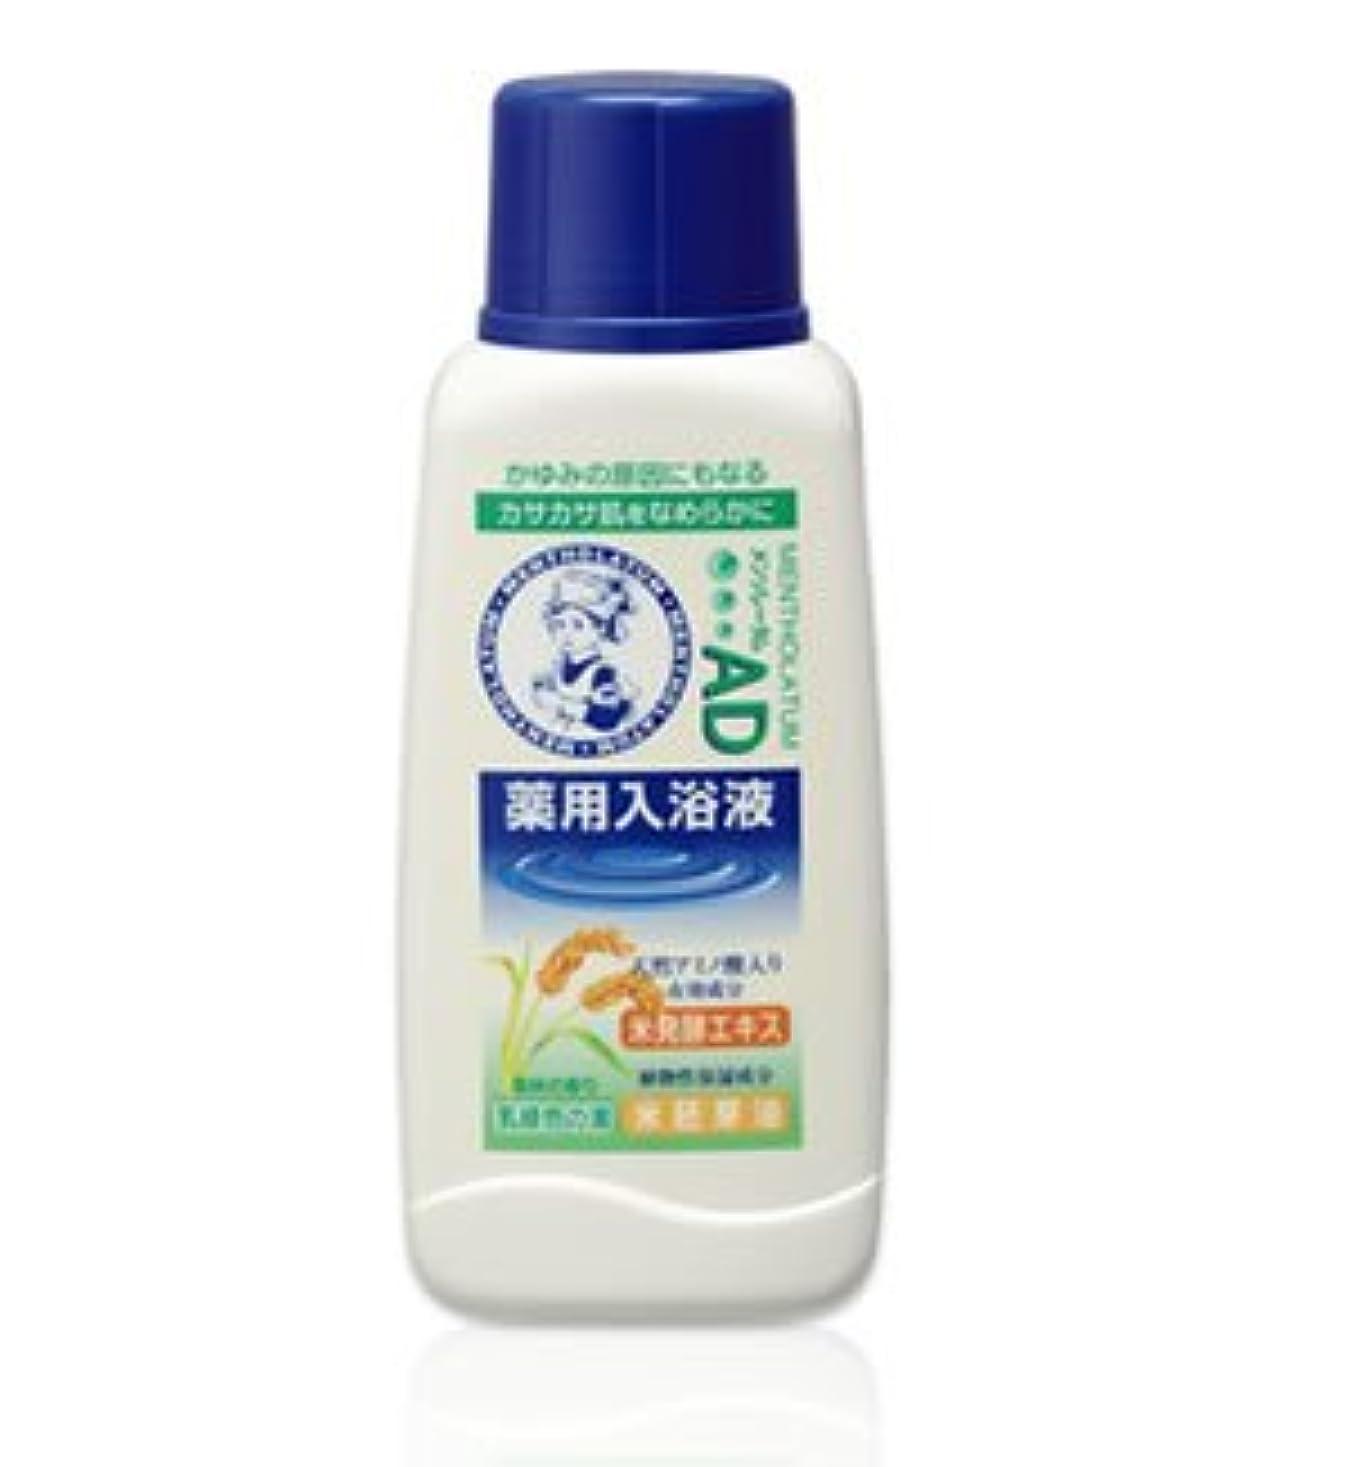 レオナルドダ突然の意志に反する(ロート)メンソレータム AD薬用入浴剤 森林の香り720ml(医薬部外品)